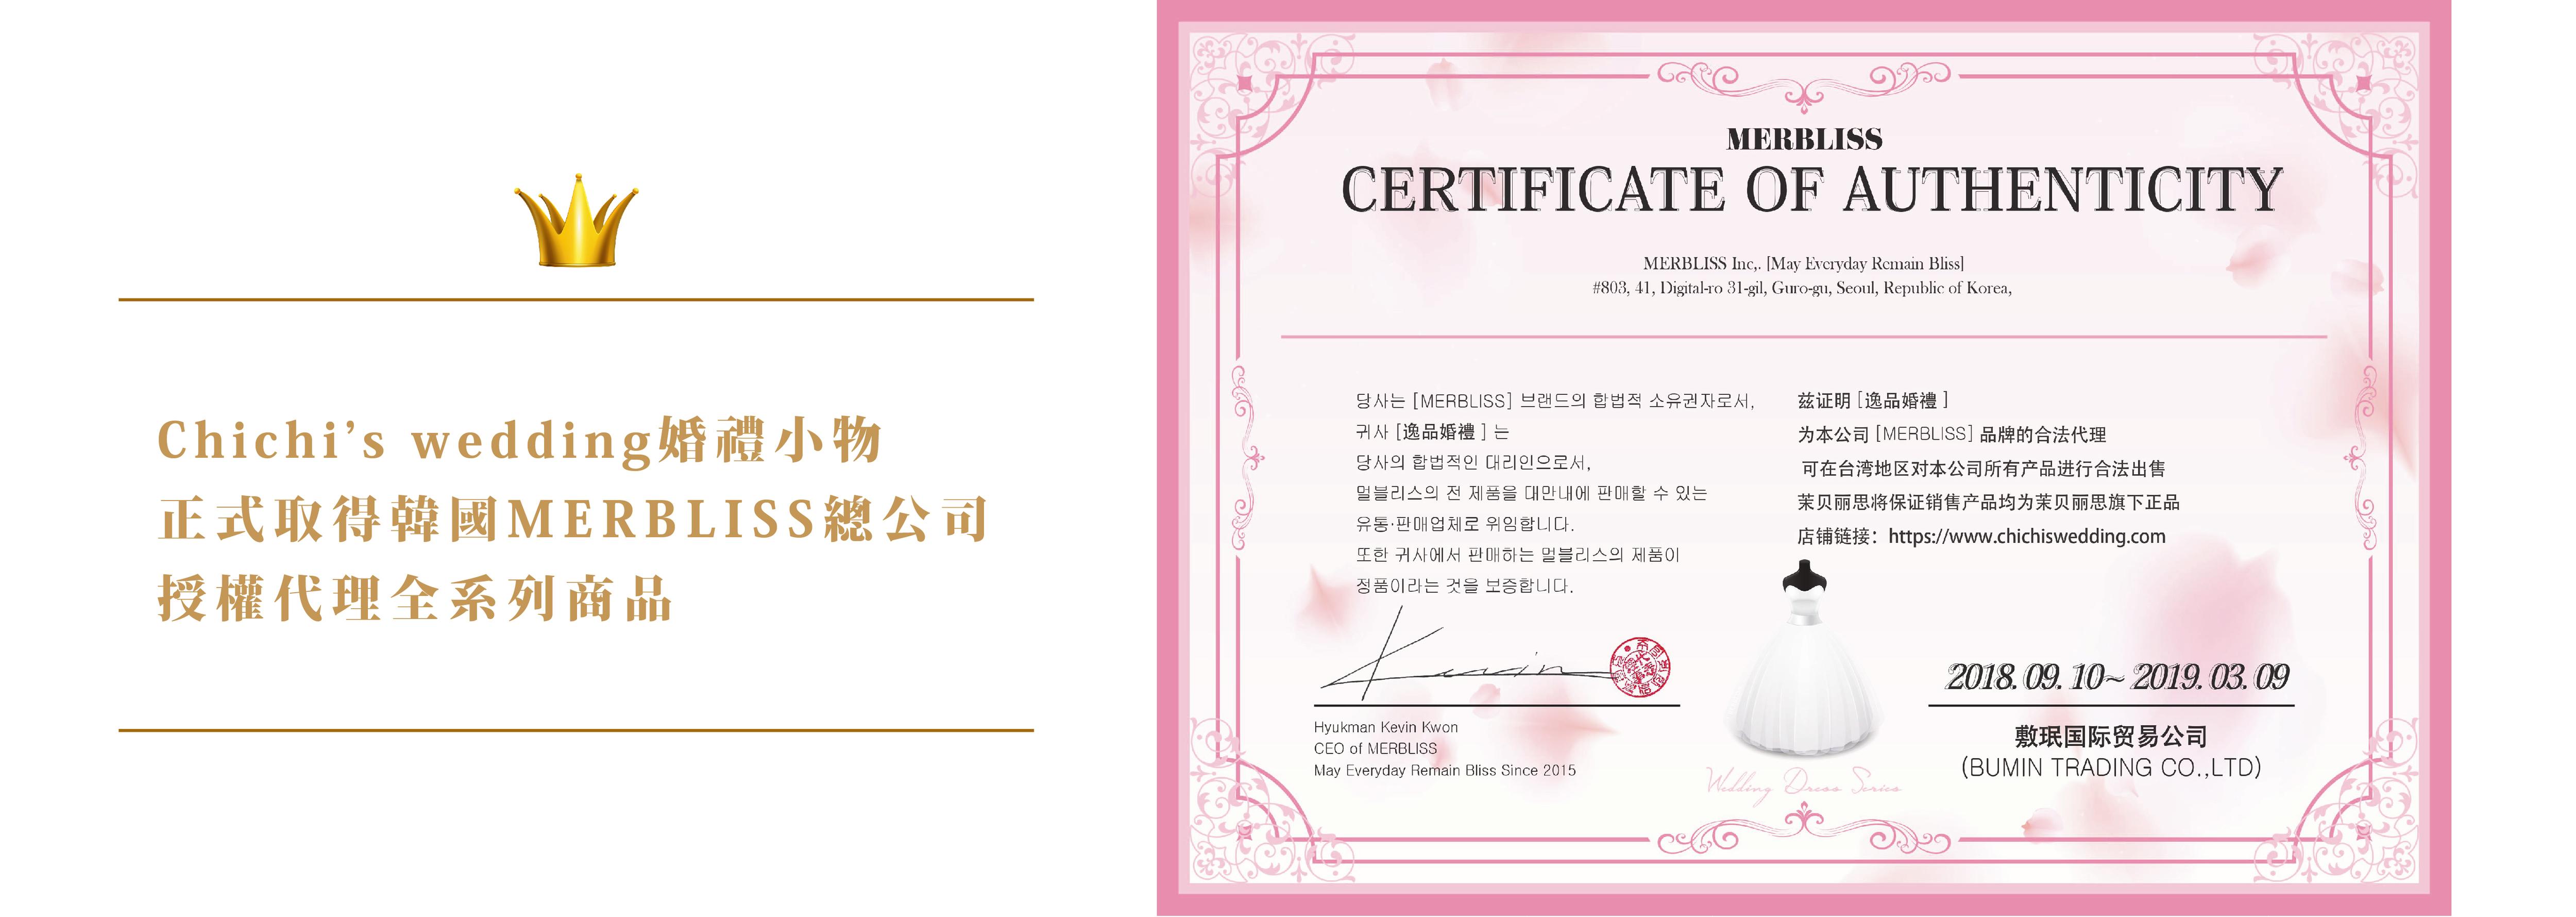 韓國熱銷婚禮小物MERBLISS婚紗